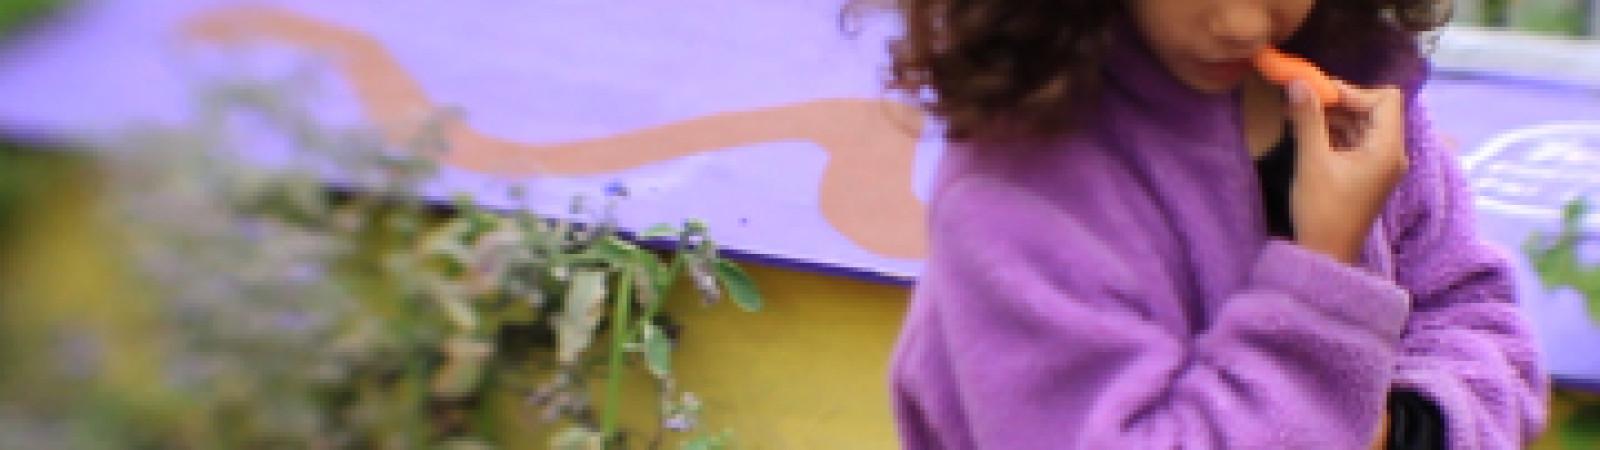 Seller_360x244_Garden